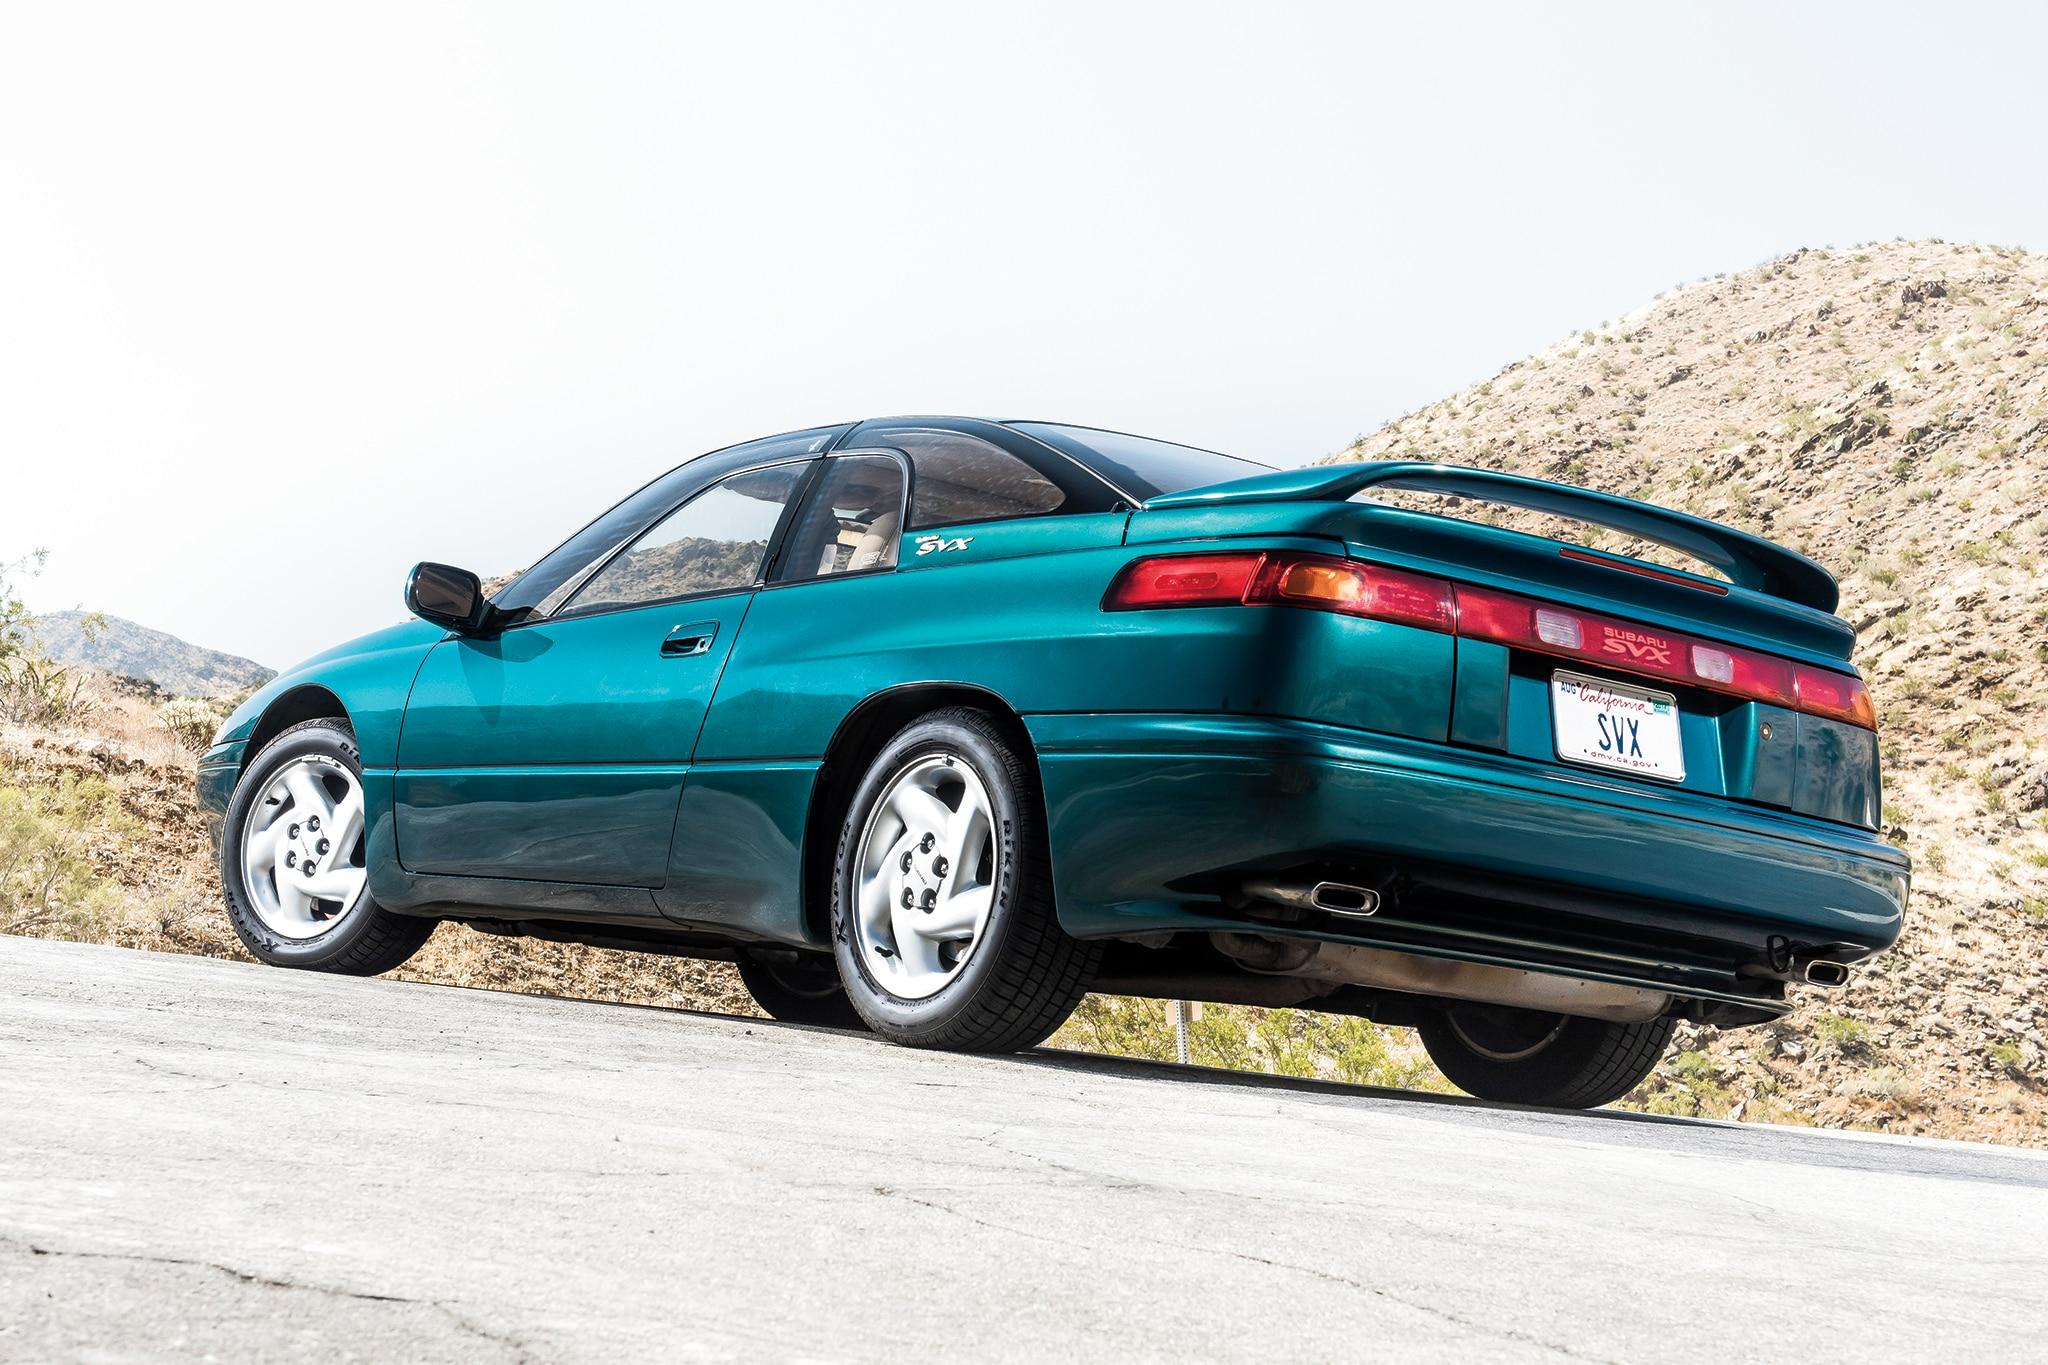 1992-1997 Subaru SVX Collectible Classic | Automobile Magazine